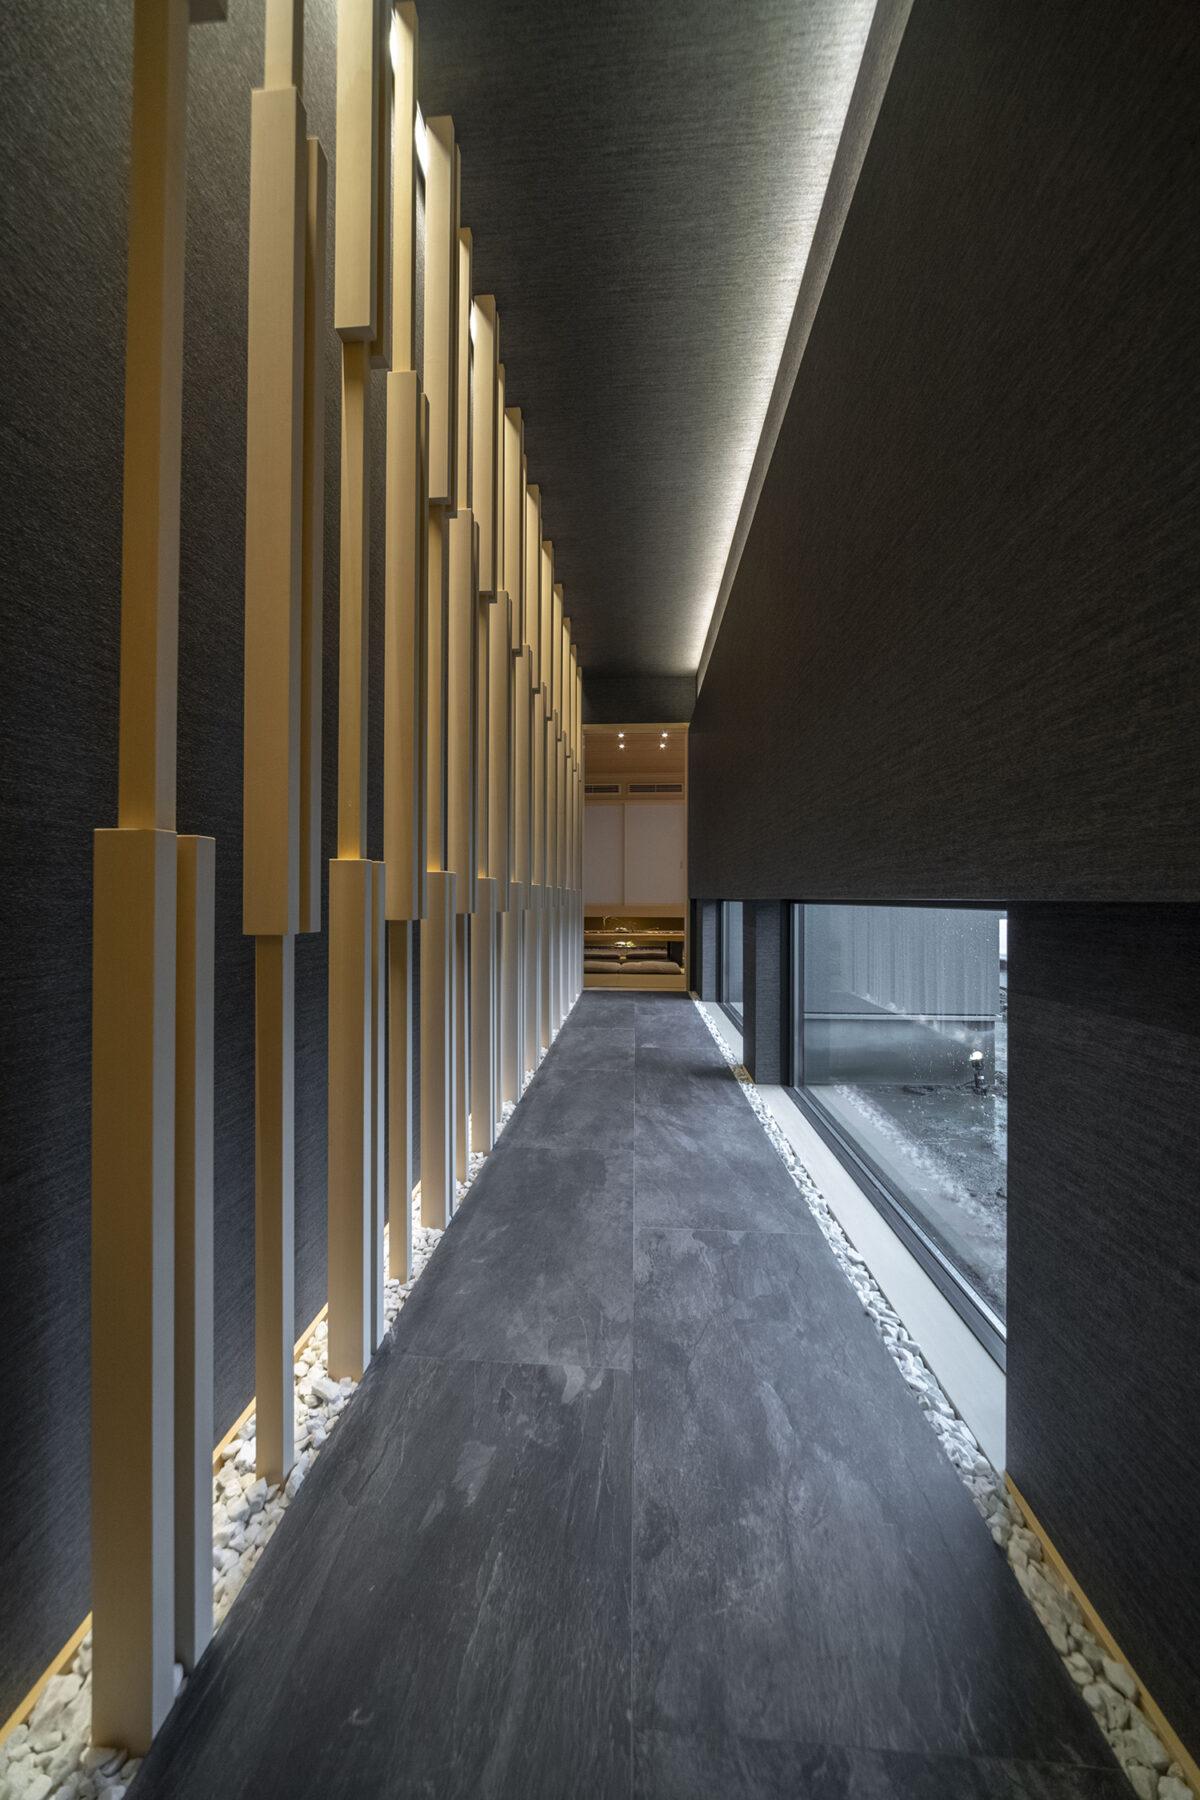 エントランスから和室へと誘う回廊は、黒い石畳と格子による和の空間、間接照明による光の陰影の演出で来訪者を楽しませてくれます。